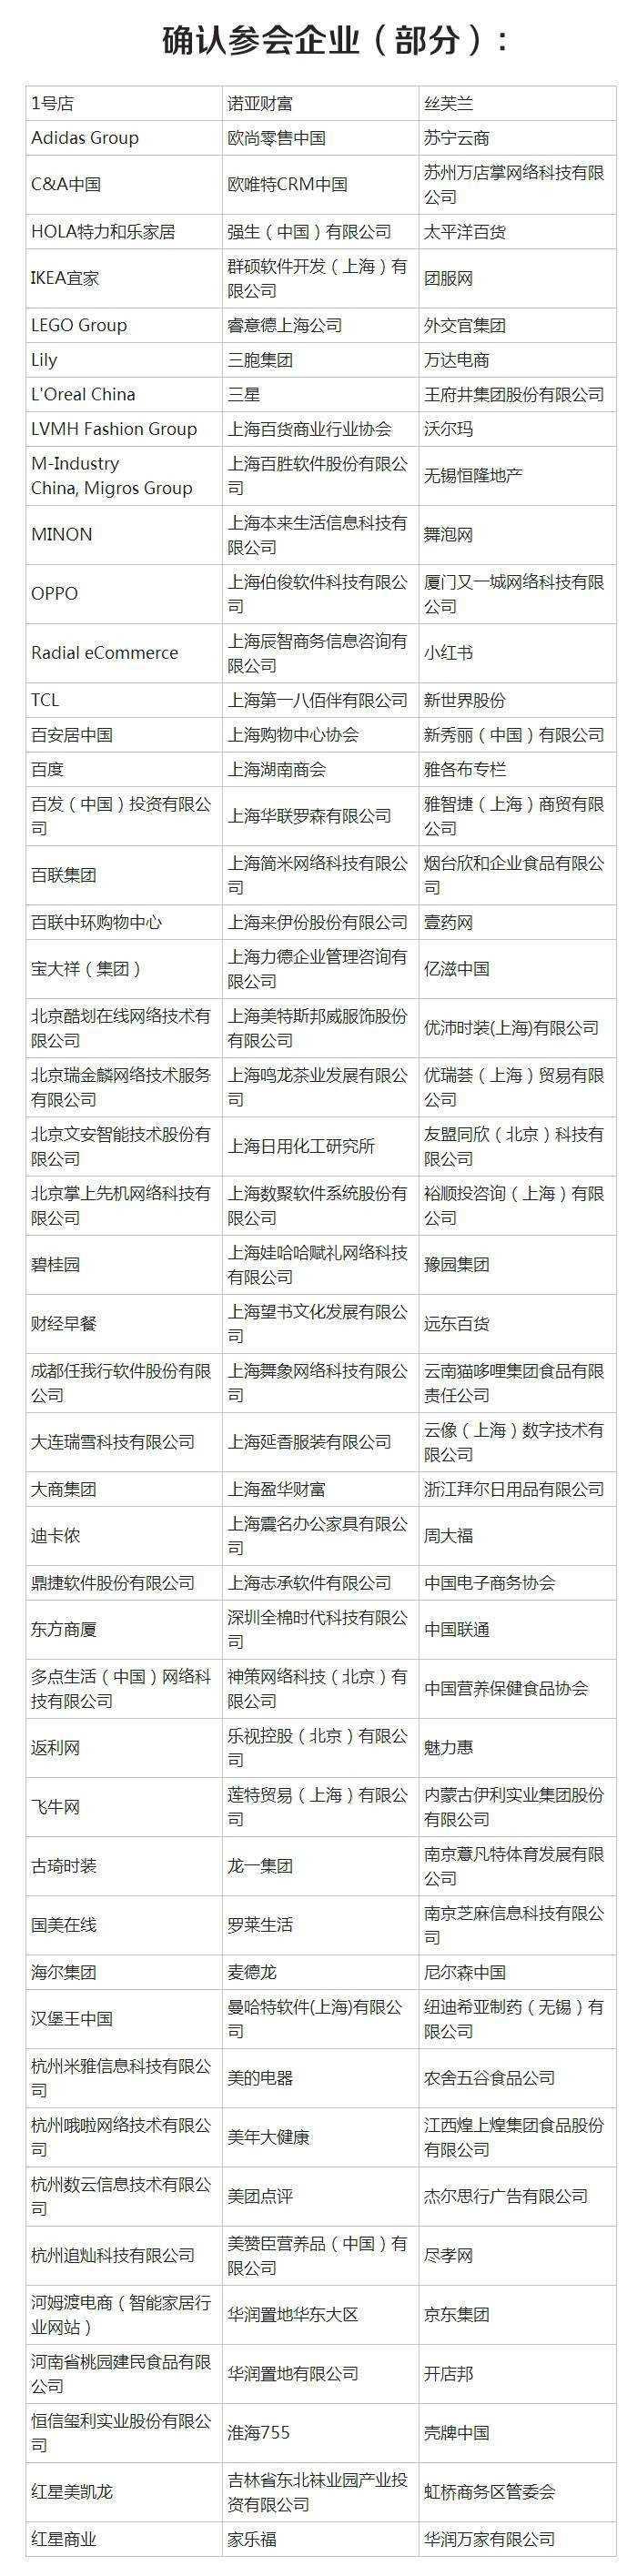 参会企业名单.jpg